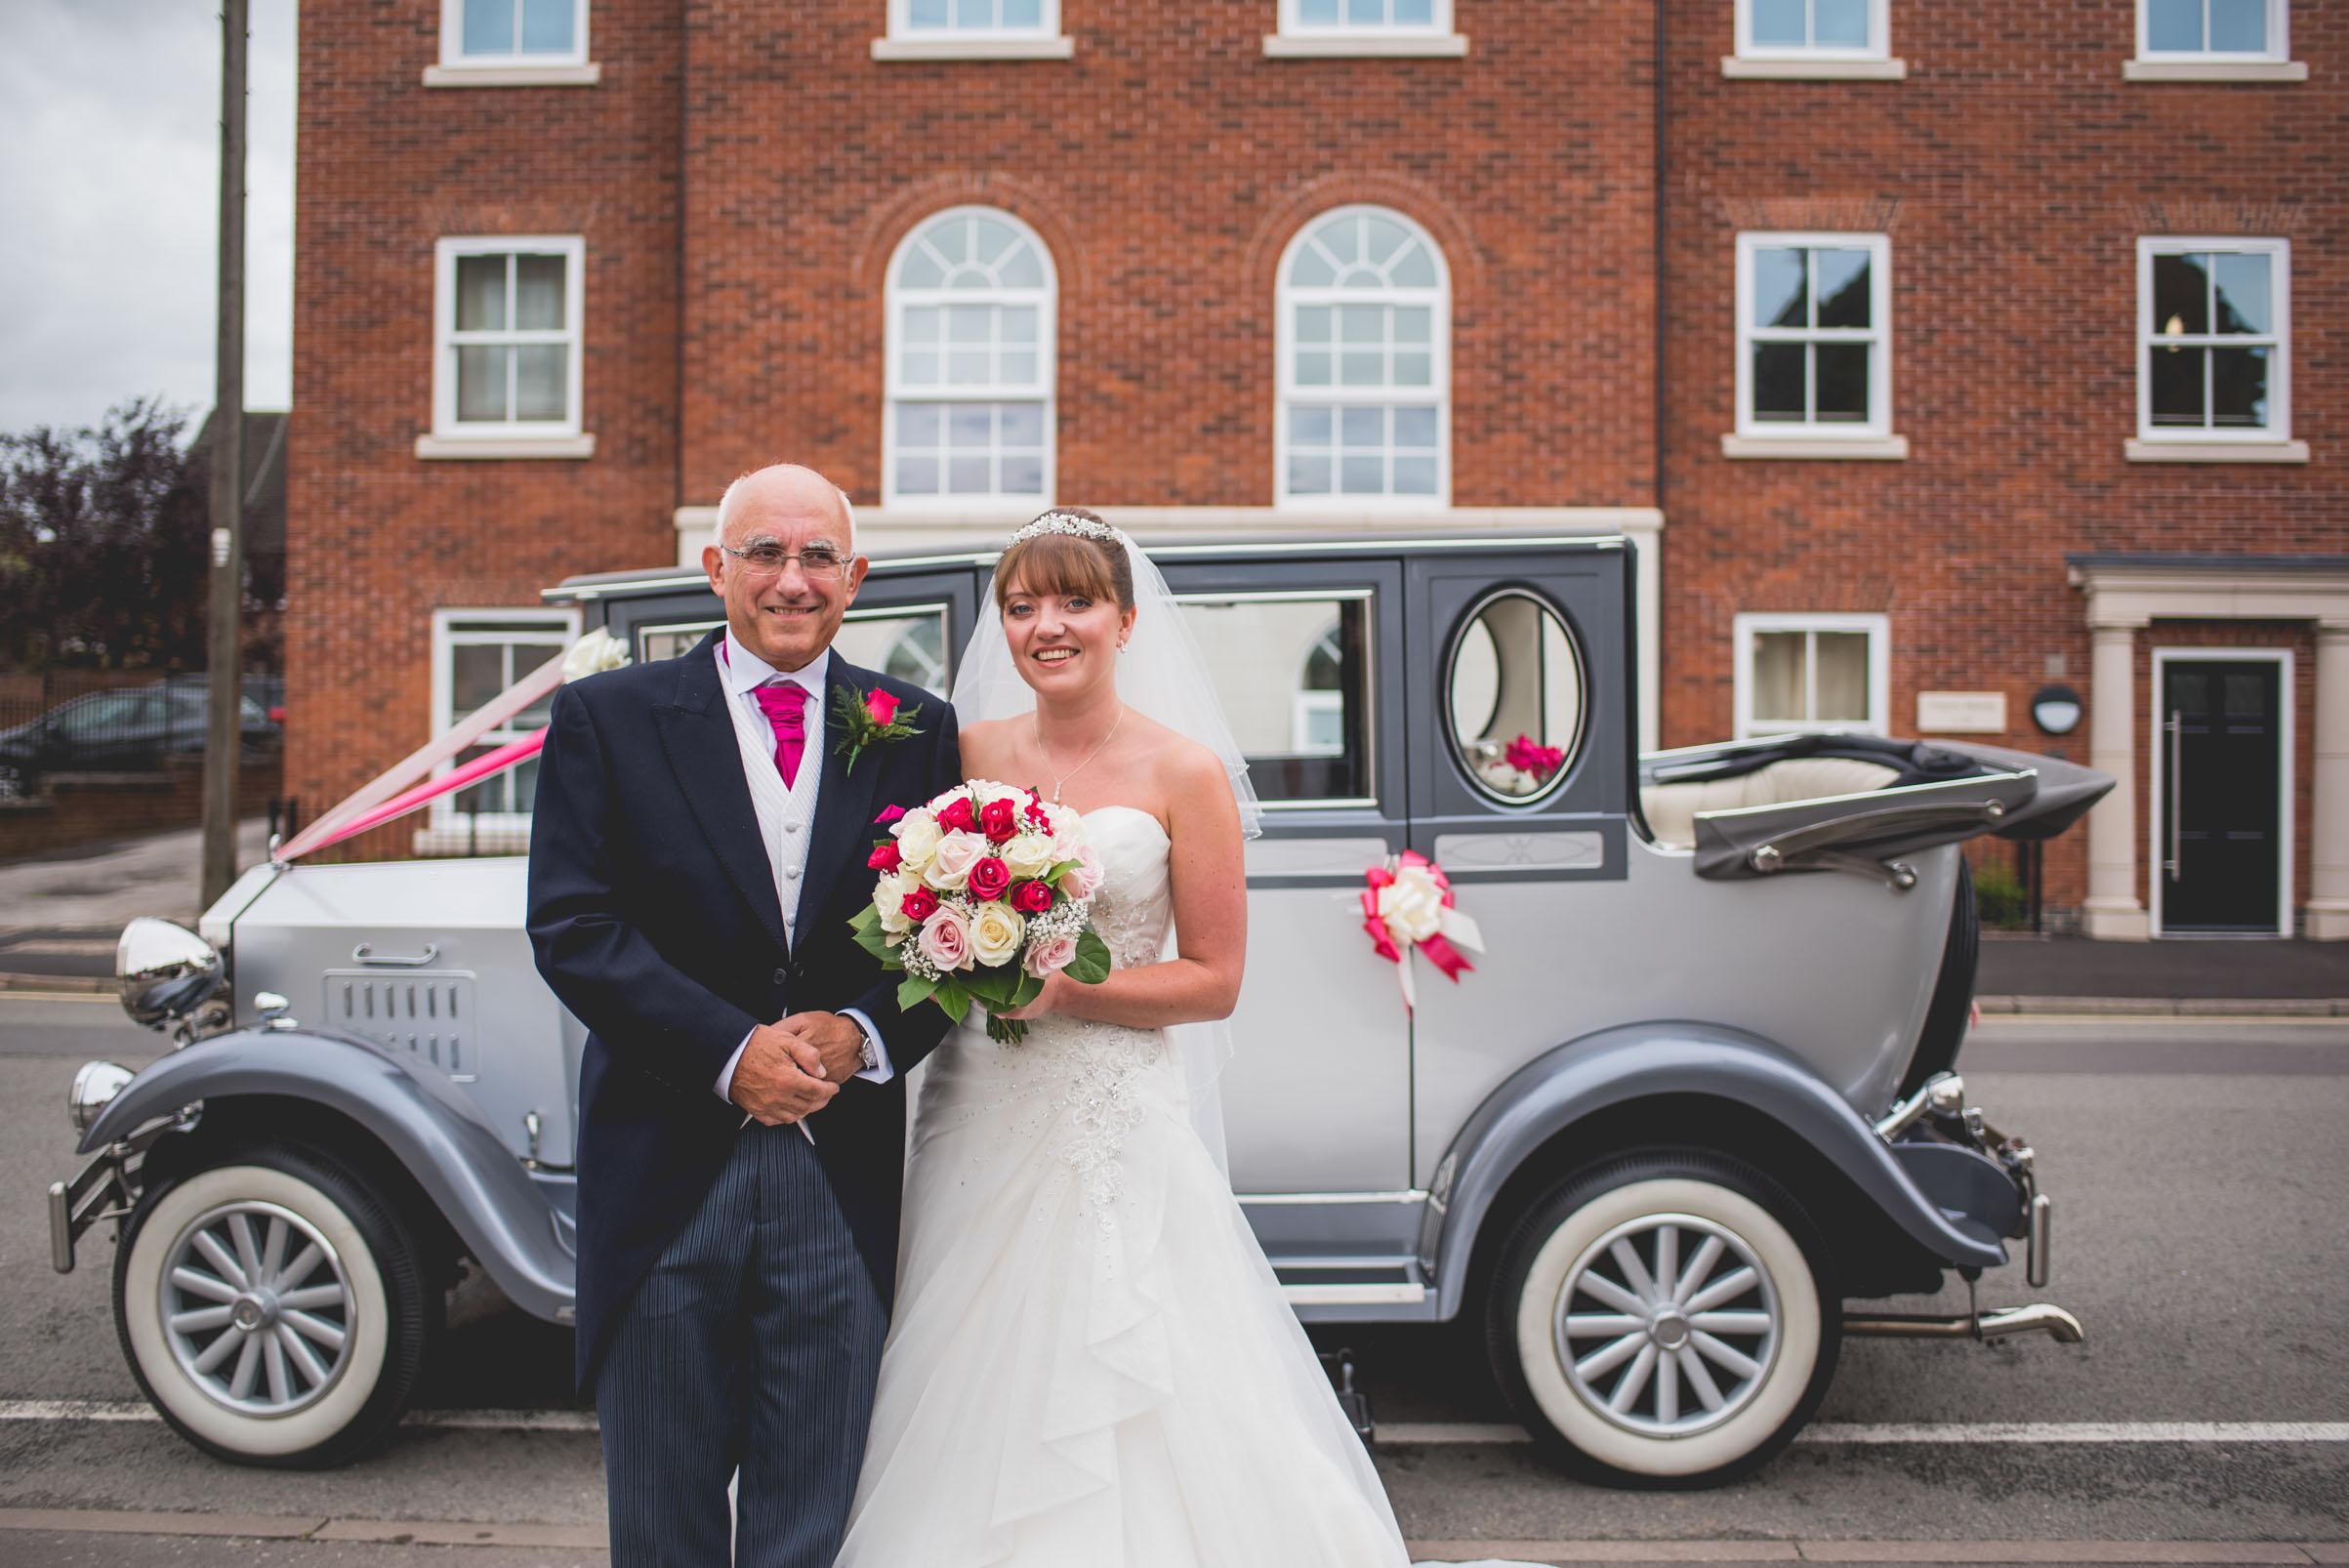 Farm-wedding-staffordshire-st-marys-catholic-church-uttoxter-22.jpg